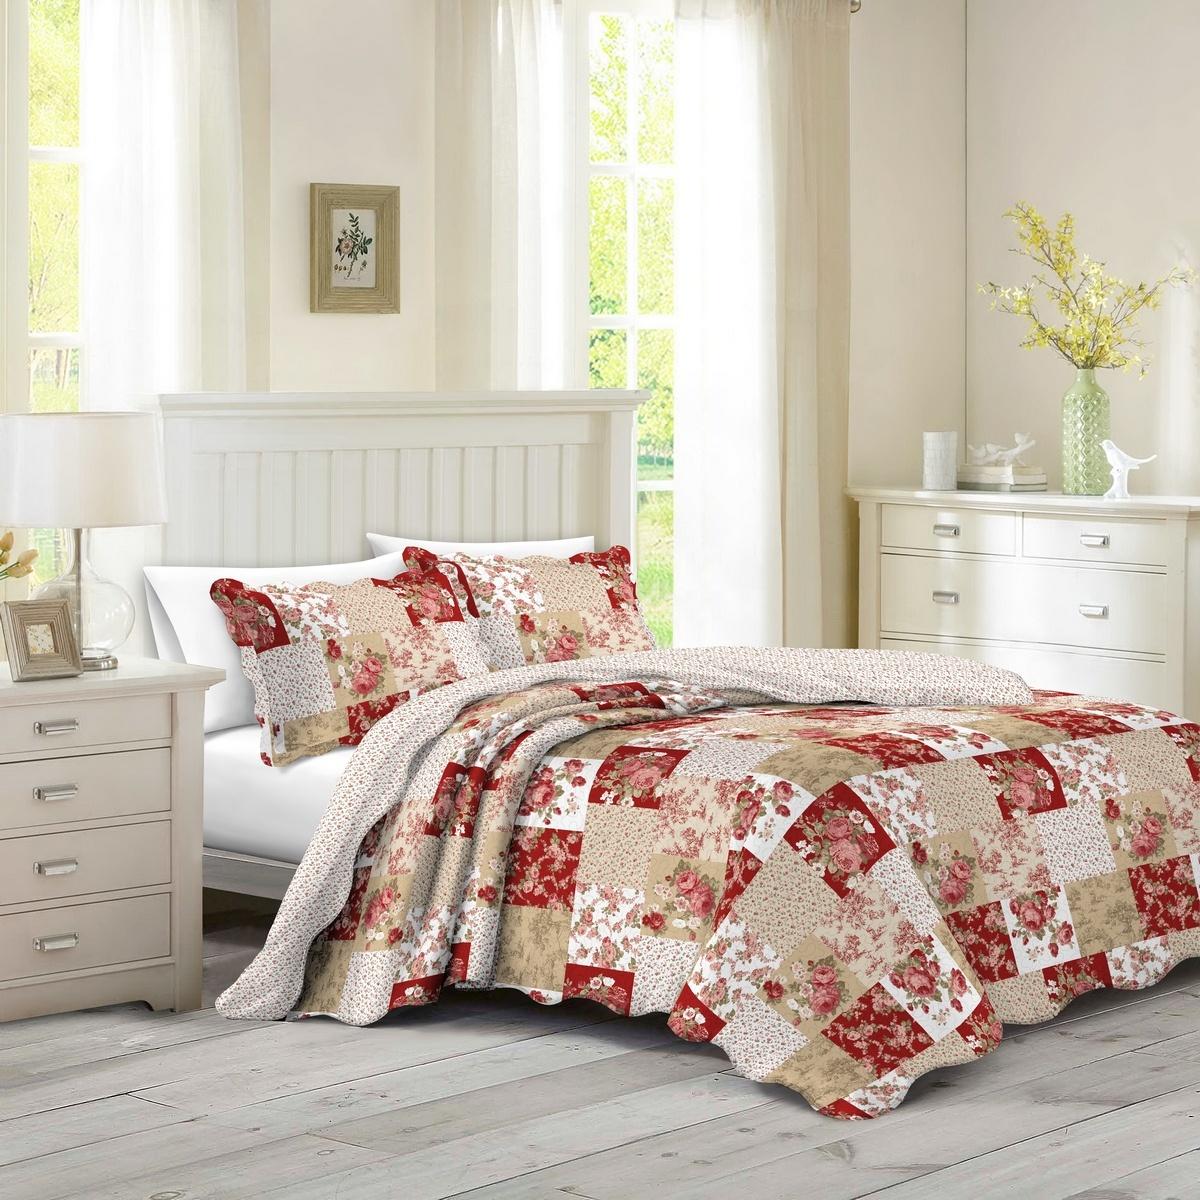 Přehoz na postel Patchwork růže Heda, 230 x 250 cm, 2 ks 50 x 70 cm